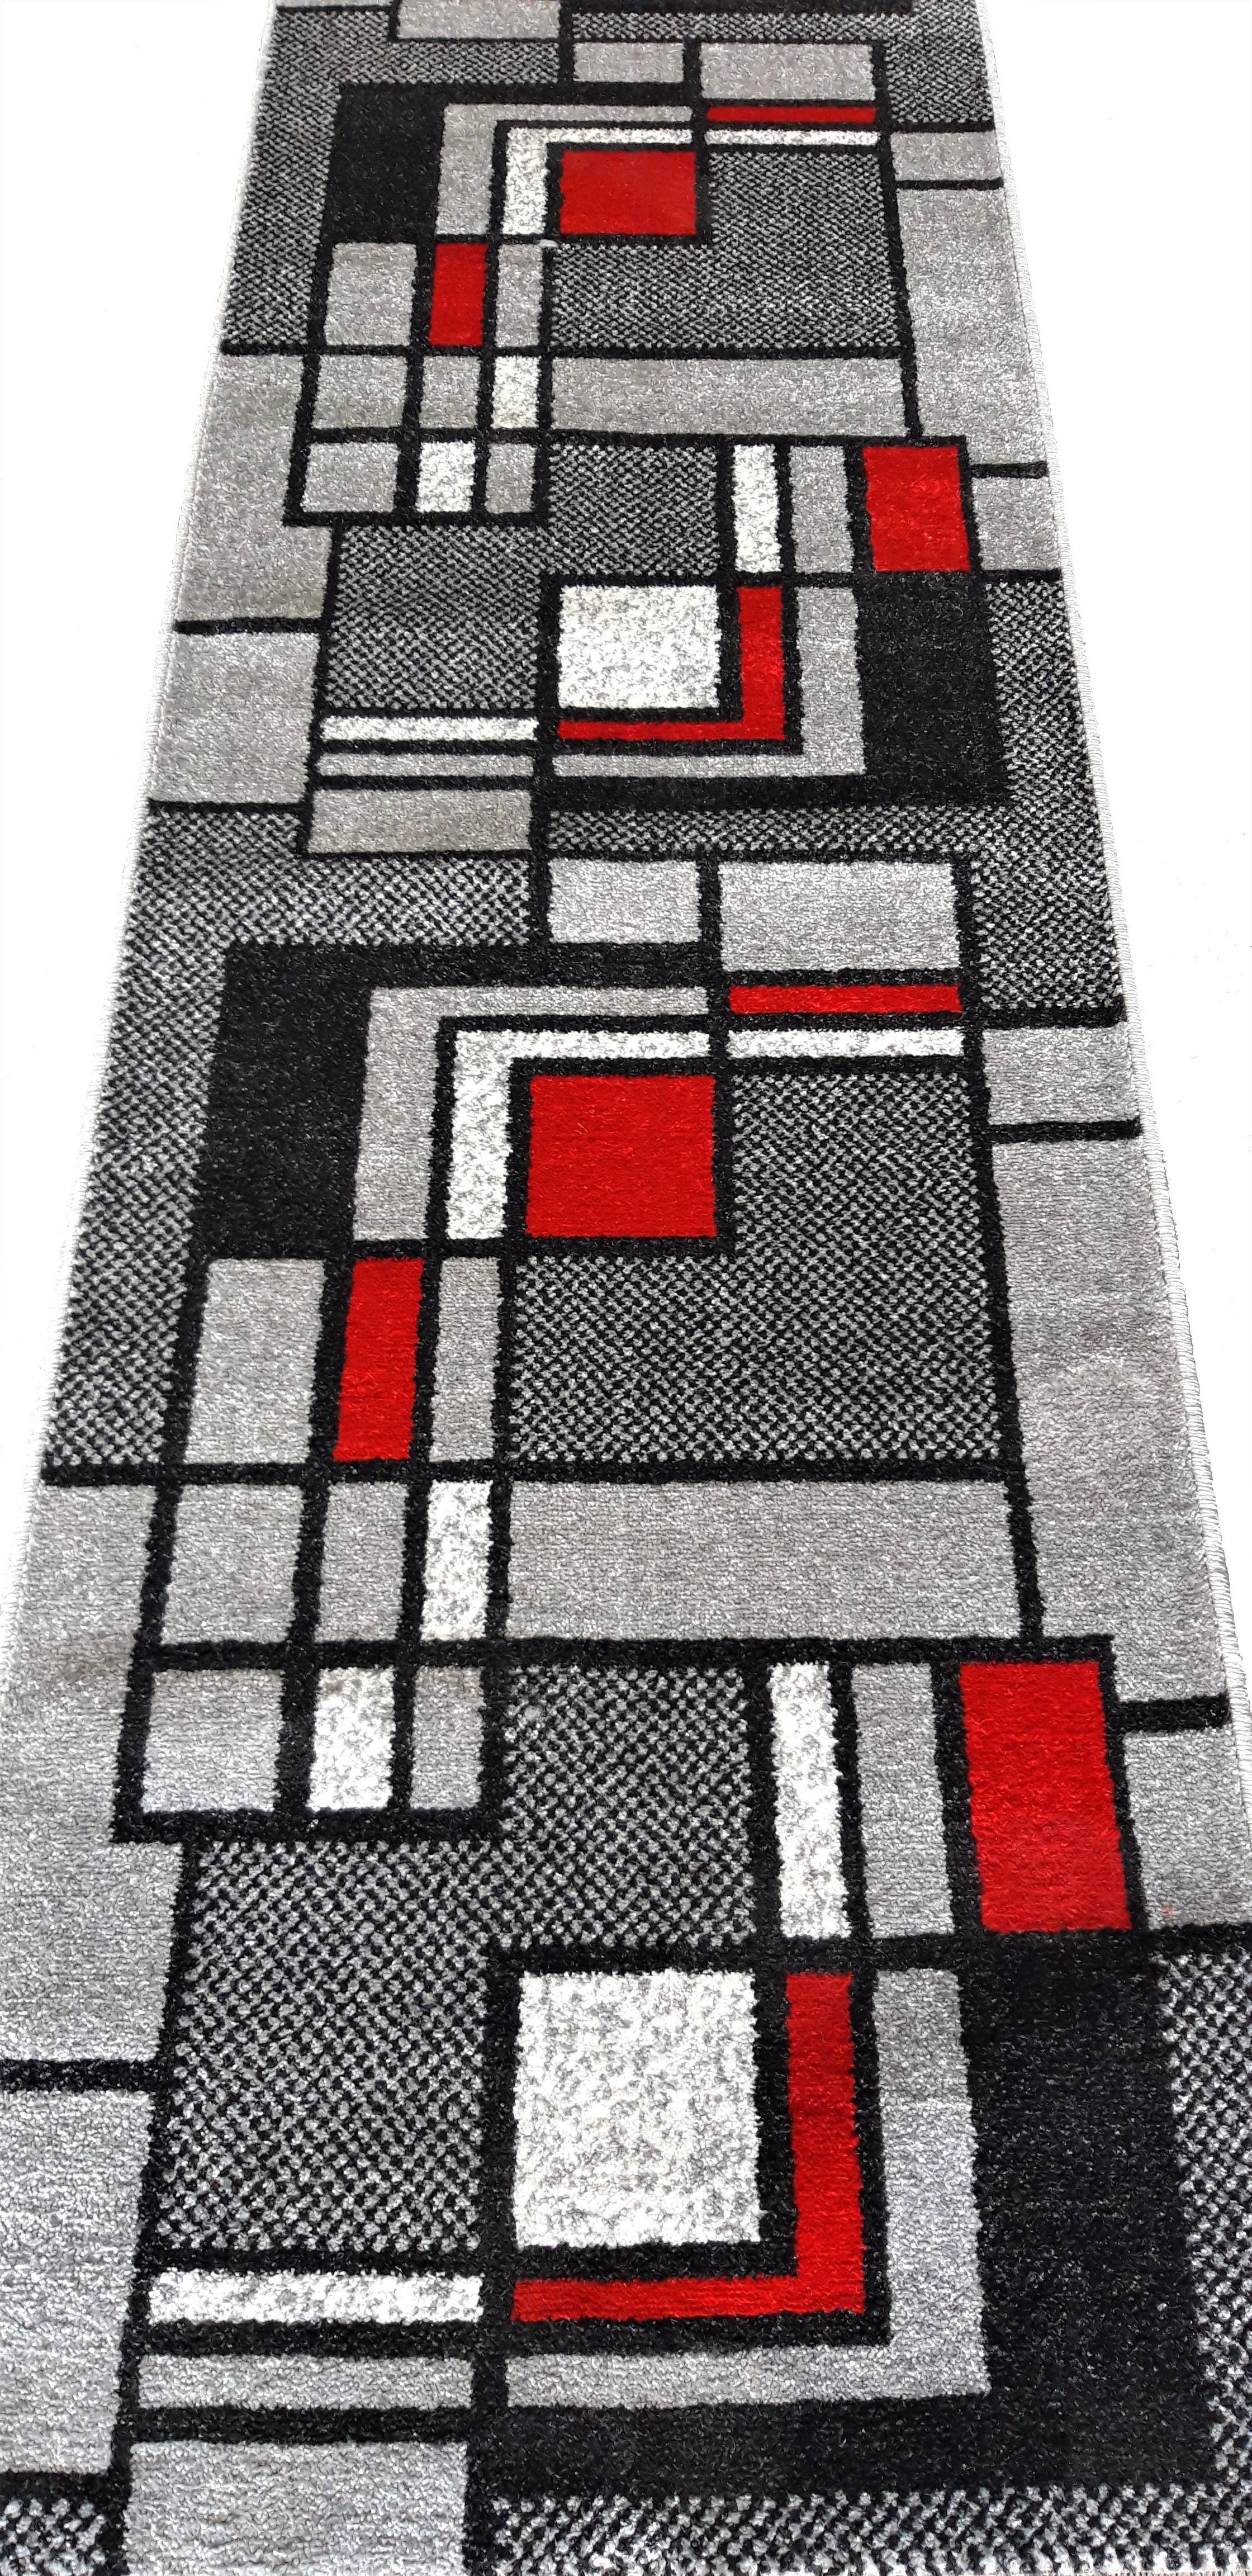 Traversa Covor, Cappuccino 16406, Multicolor, 80x600 cm, 1700 gr/mp, 0.8x6 m. 0